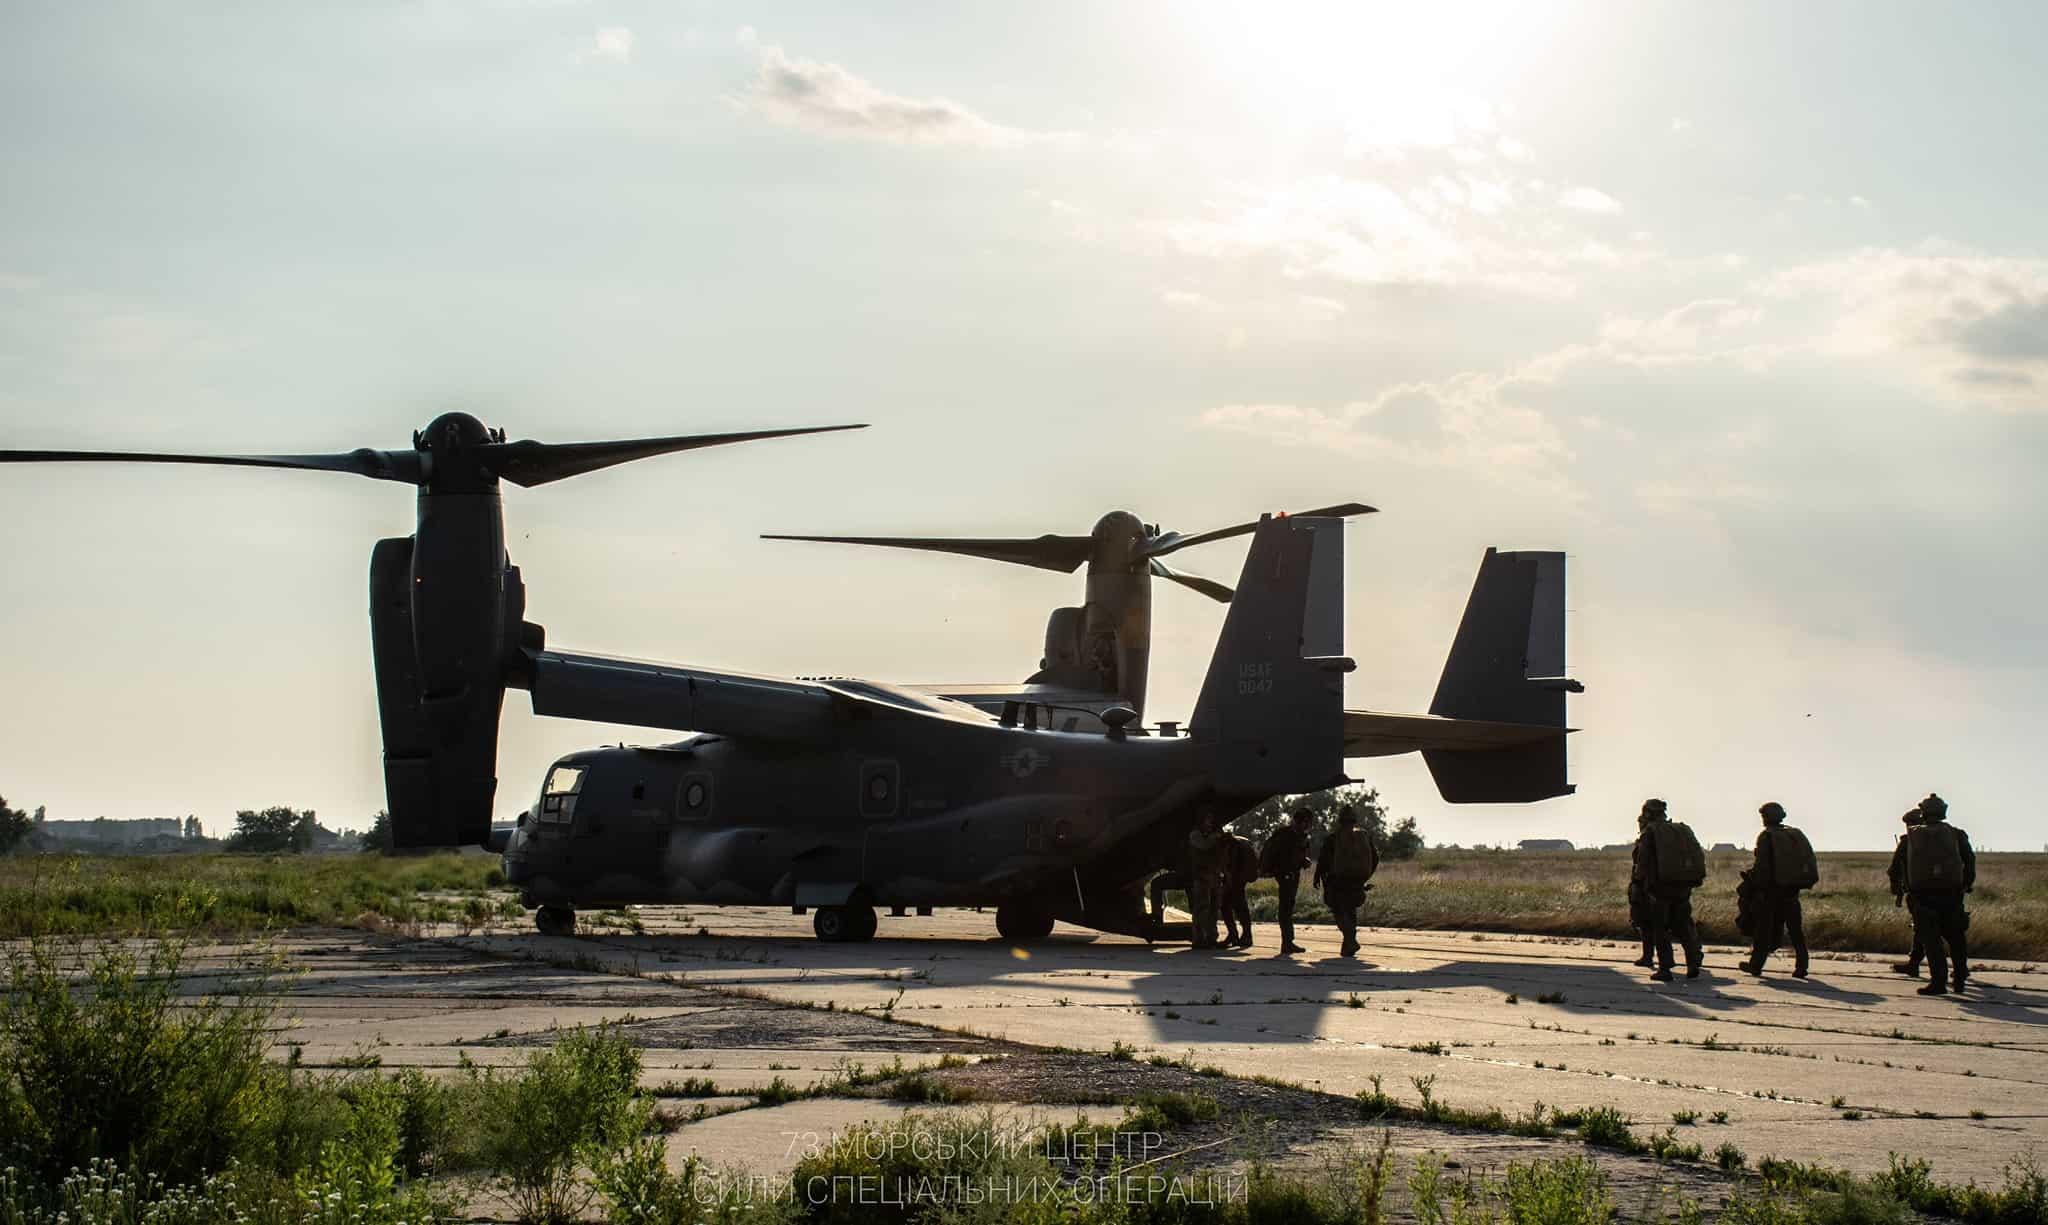 Конвертоплан V-22 Osprey на одному з аеродромів України